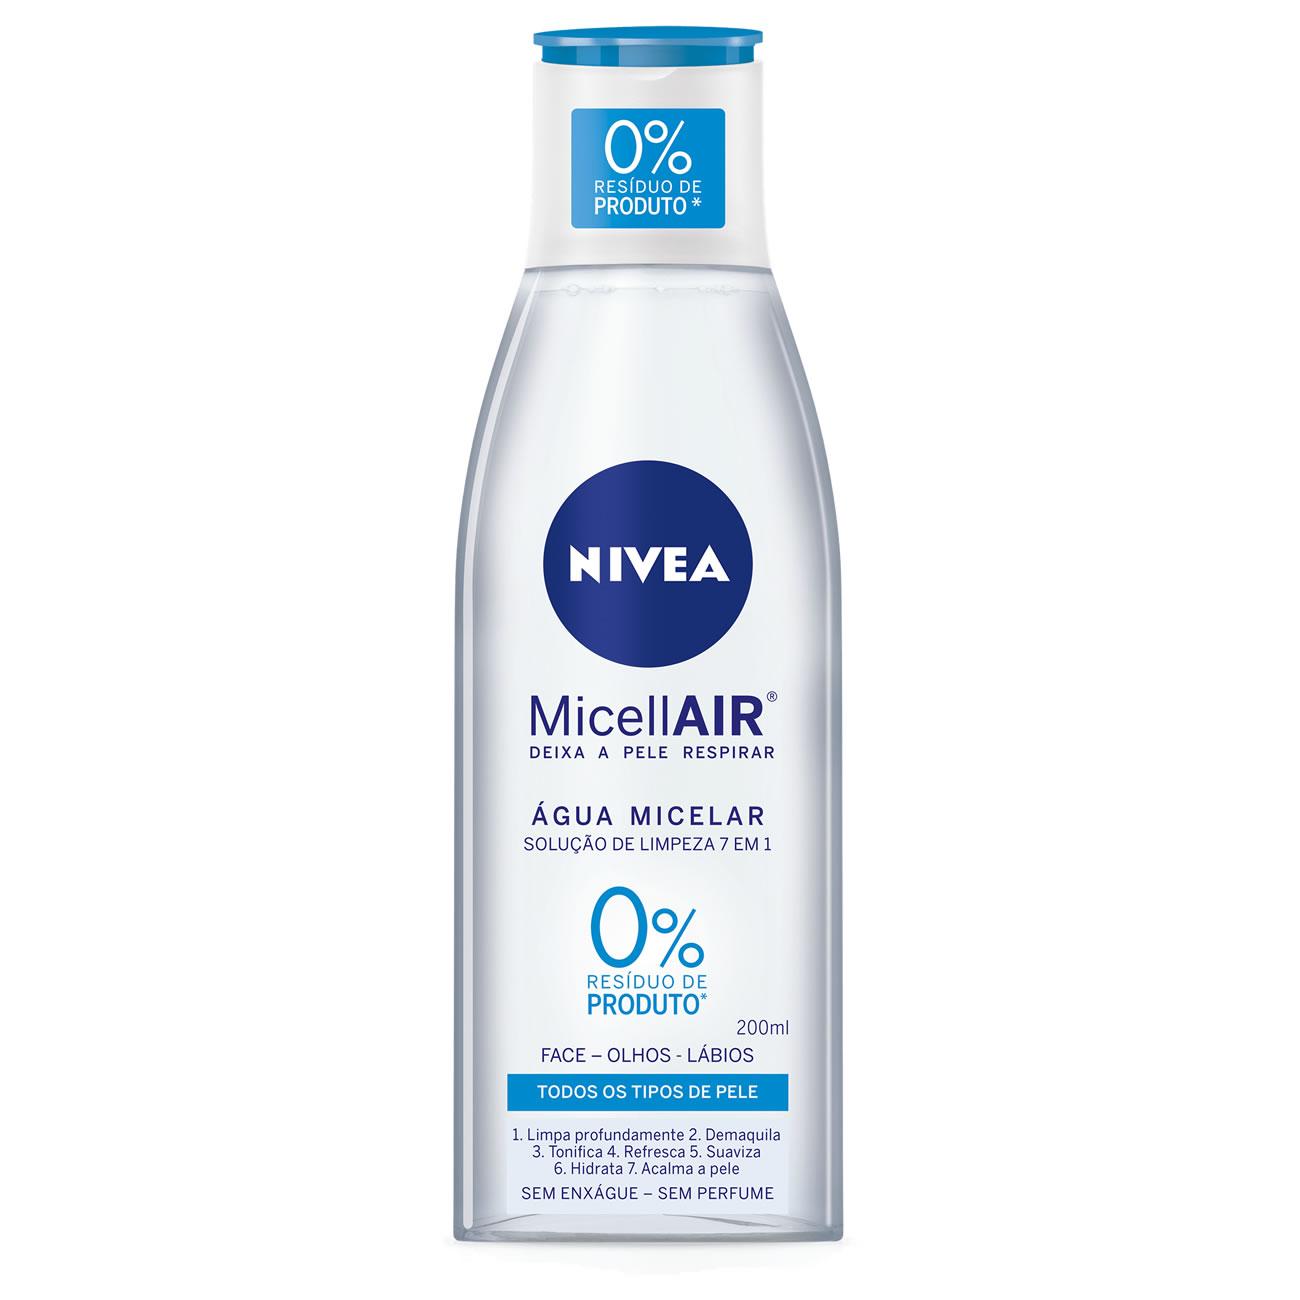 Agua Micelar Nivea Micellair 200ml